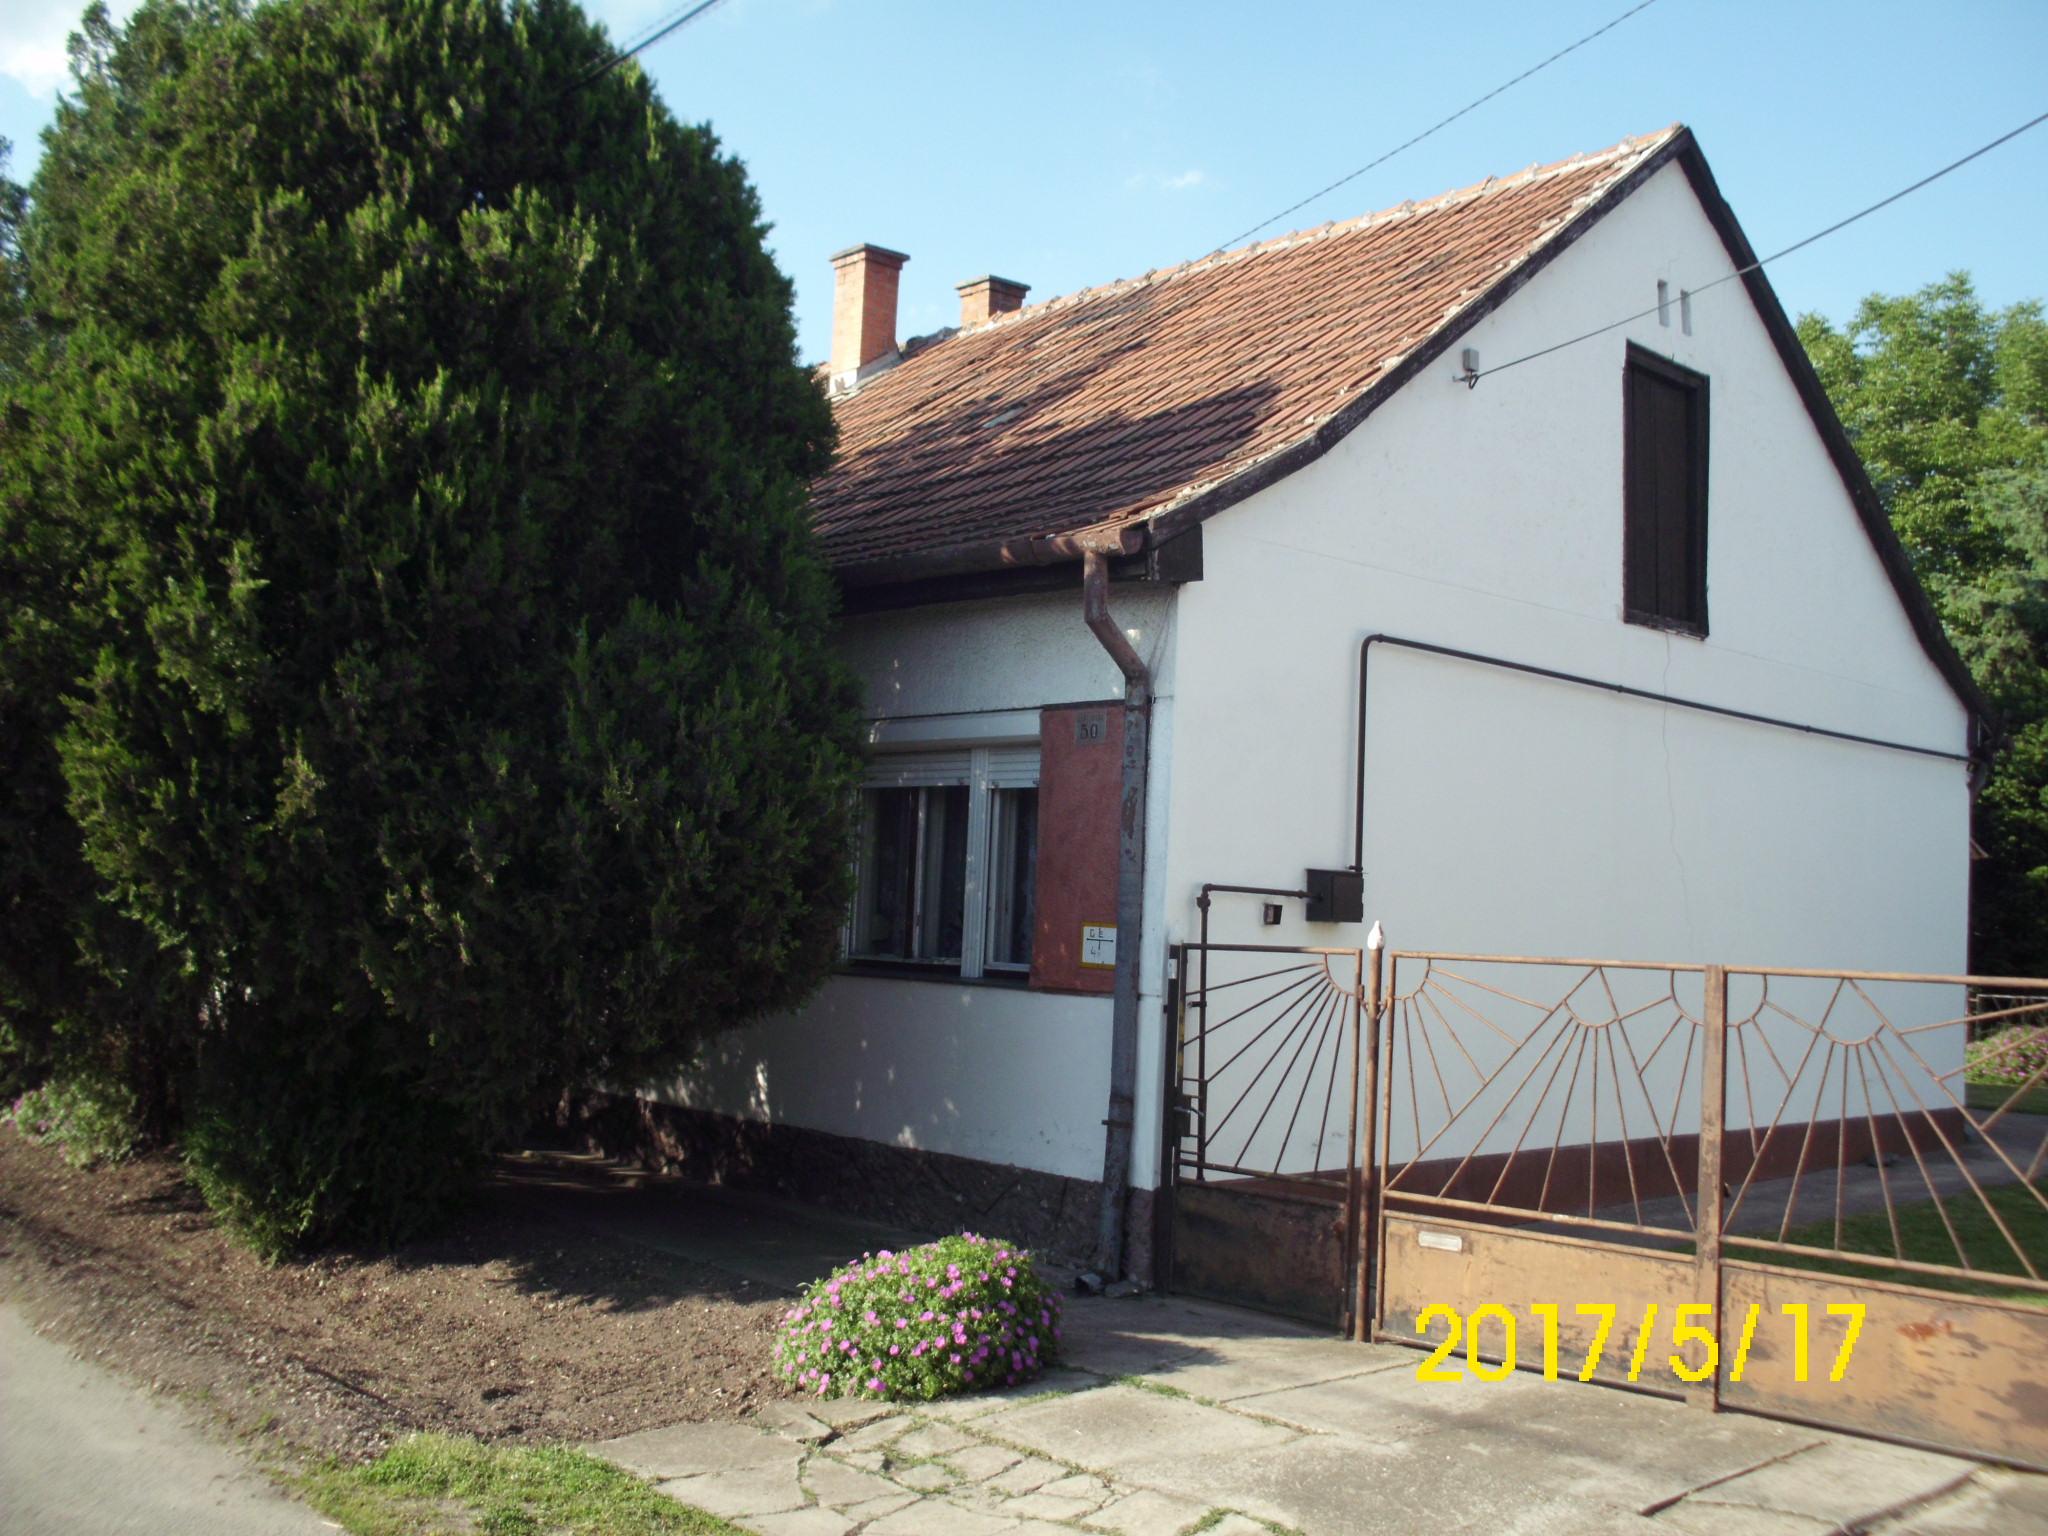 Kiskunhalas, Dobó utca 2 szobás sorház, garázzsal, melléképülettel.